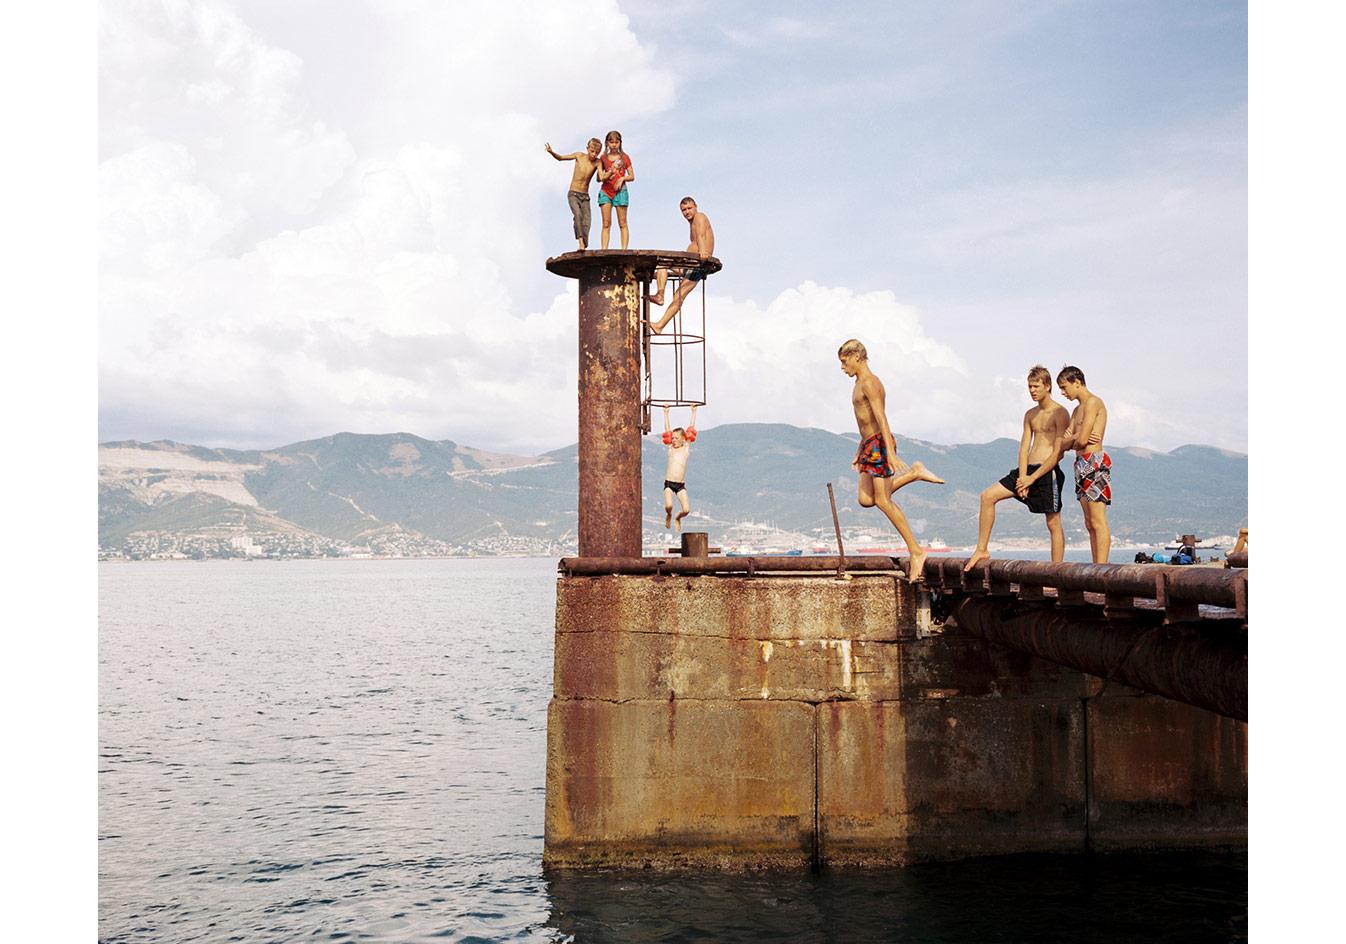 Novorossisk limanı yakınlarında Karadeniz'e dalan gençler, Rusya © Mathias Depardon